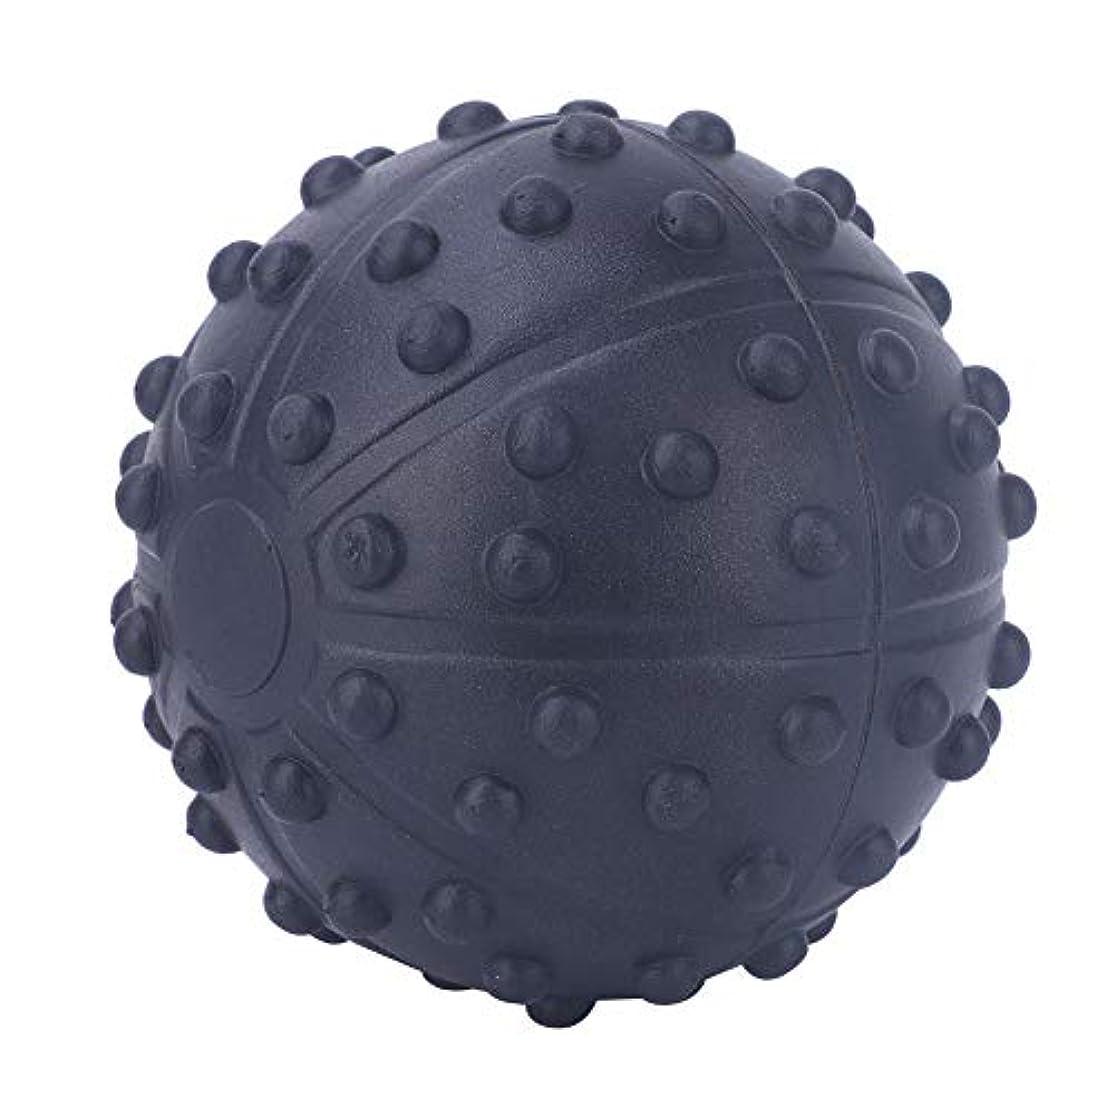 困難リズム裁判所深いティッシュヨガの筋膜の球、ヨガの疲労筋肉は筋肉救済、背部、首および足のマッサージャーのためのスポーツの球を取り除きます